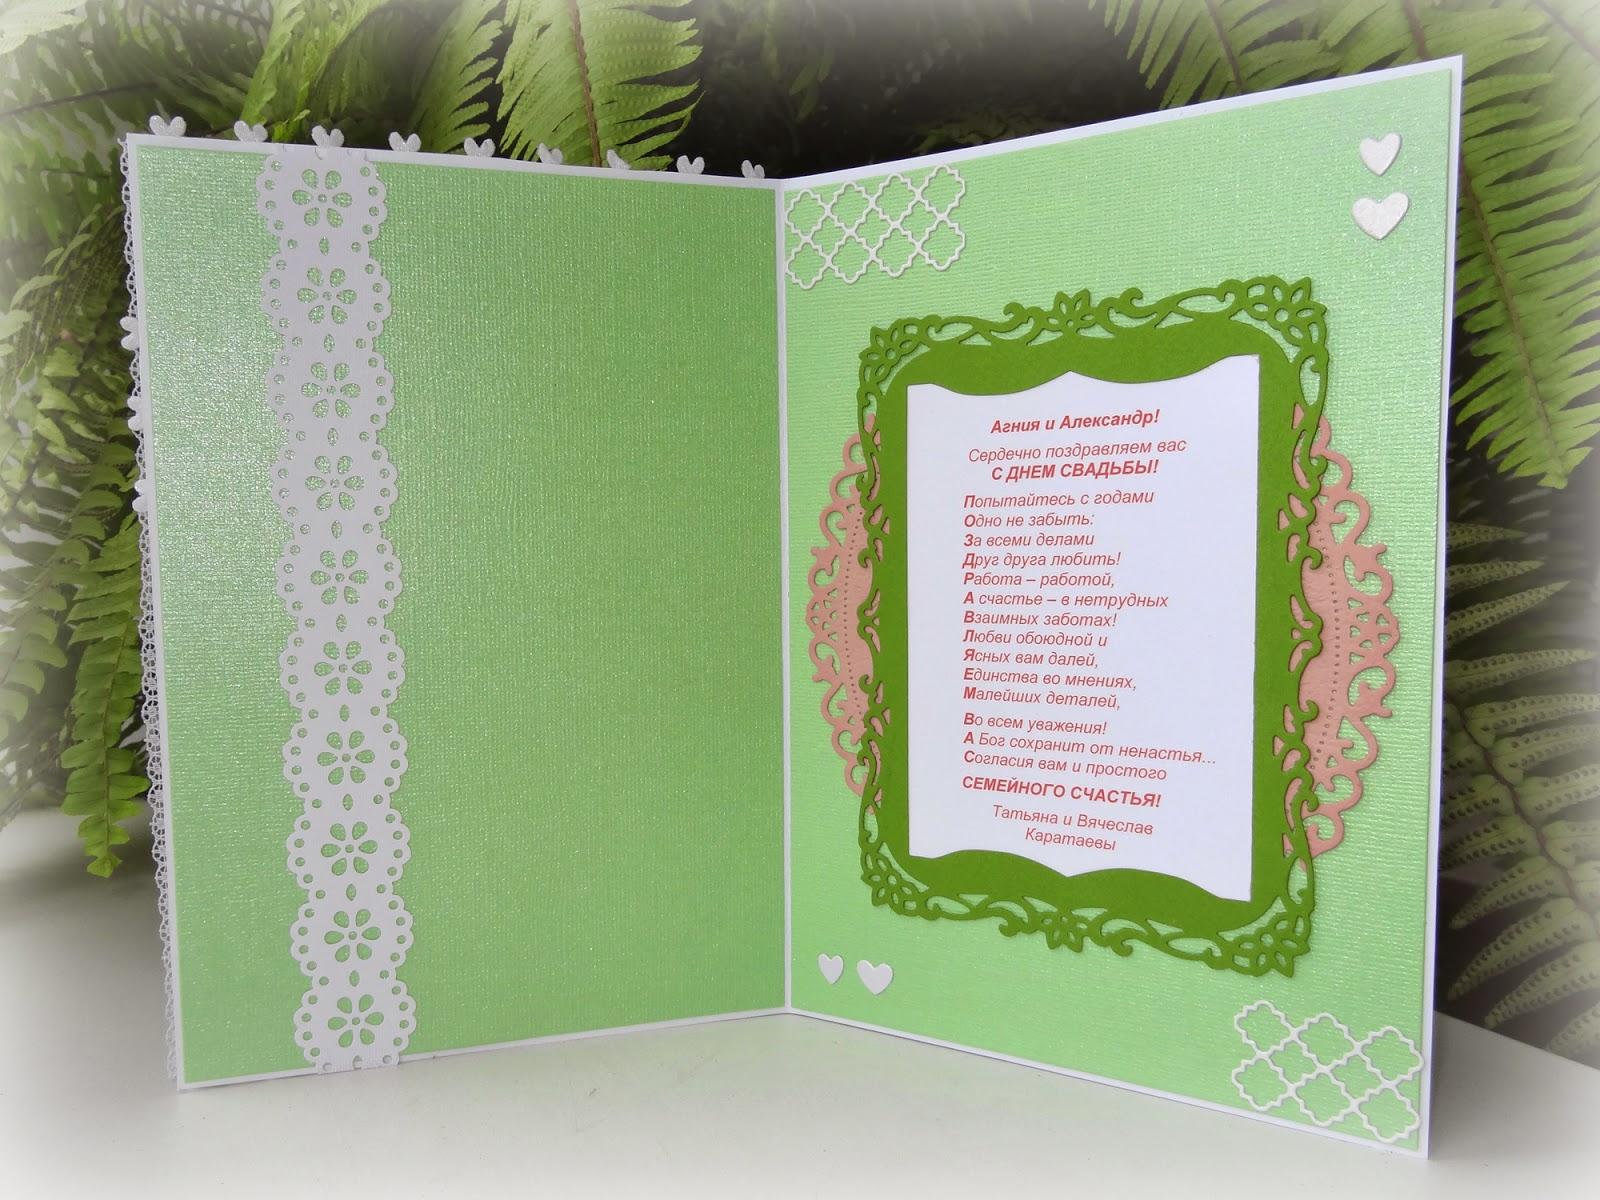 Как украсить внутреннюю часть открыток, картинки или приколы